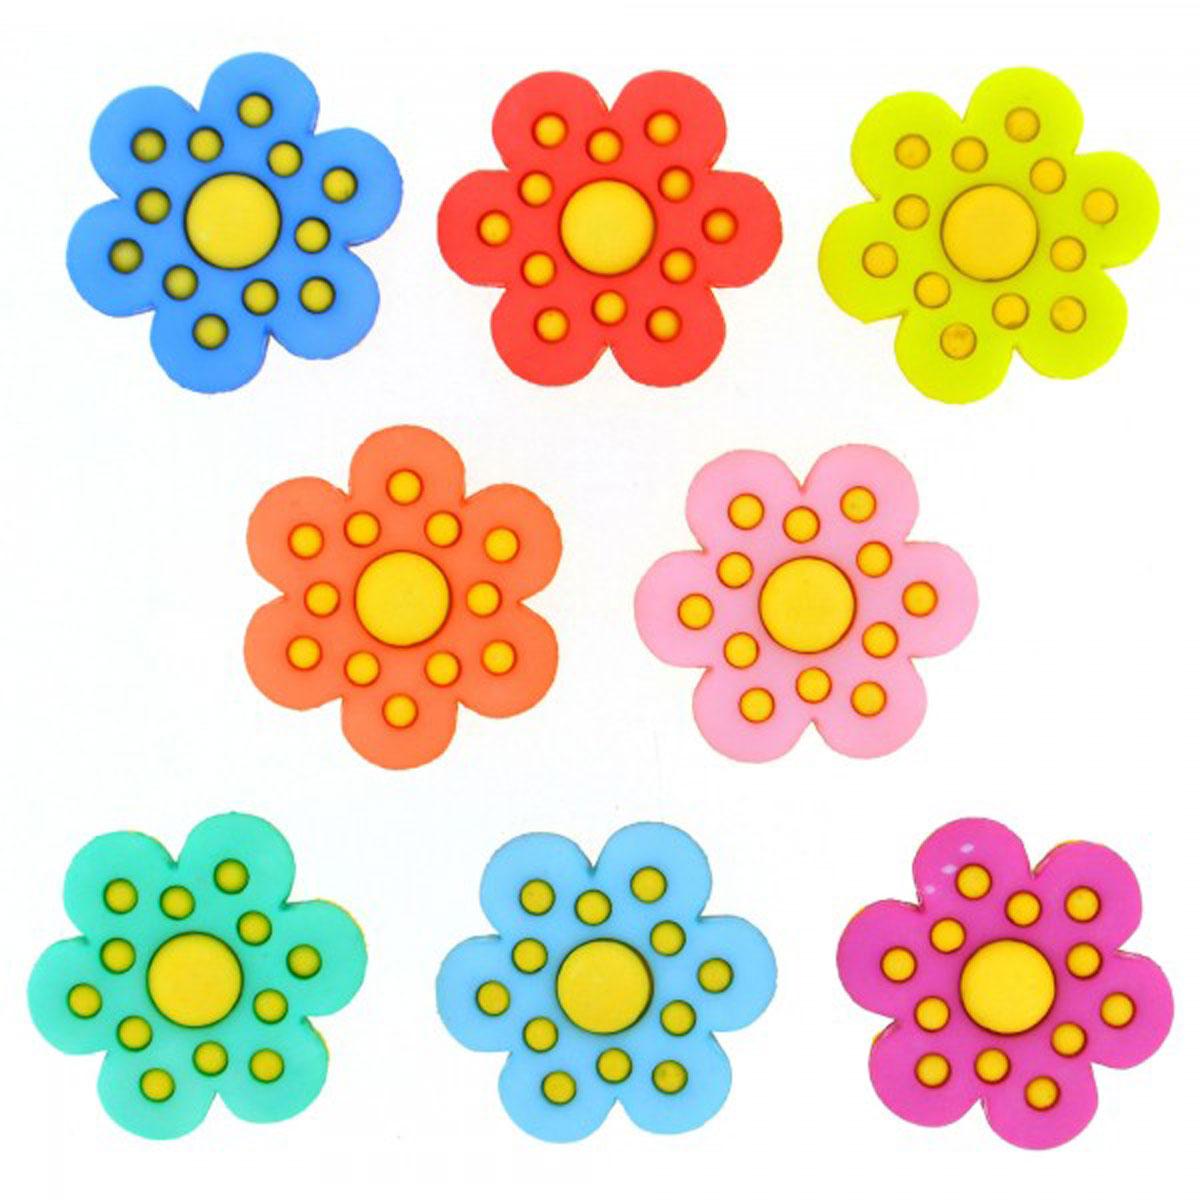 Пуговицы декоративные Dress It Up Цветы в горошек, 8 шт7713469Пуговицы декоративные Dress It Up Цветы в горошек состоит из 8 декоративных пуговиц, выполненных из цветного пластика в виде цветов. Такие пуговицы подходят для любых видов творчества: скрапбукинга, декорирования, шитья, изготовления кукол, а также для оформления одежды. С их помощью вы сможете украсить открытку, фотографию, альбом, подарок и другие предметы ручной работы. Пуговицы разных цветов имеют оригинальный и яркий дизайн. Средний размер пуговиц: 2 см х 2 см х 0,3 см.